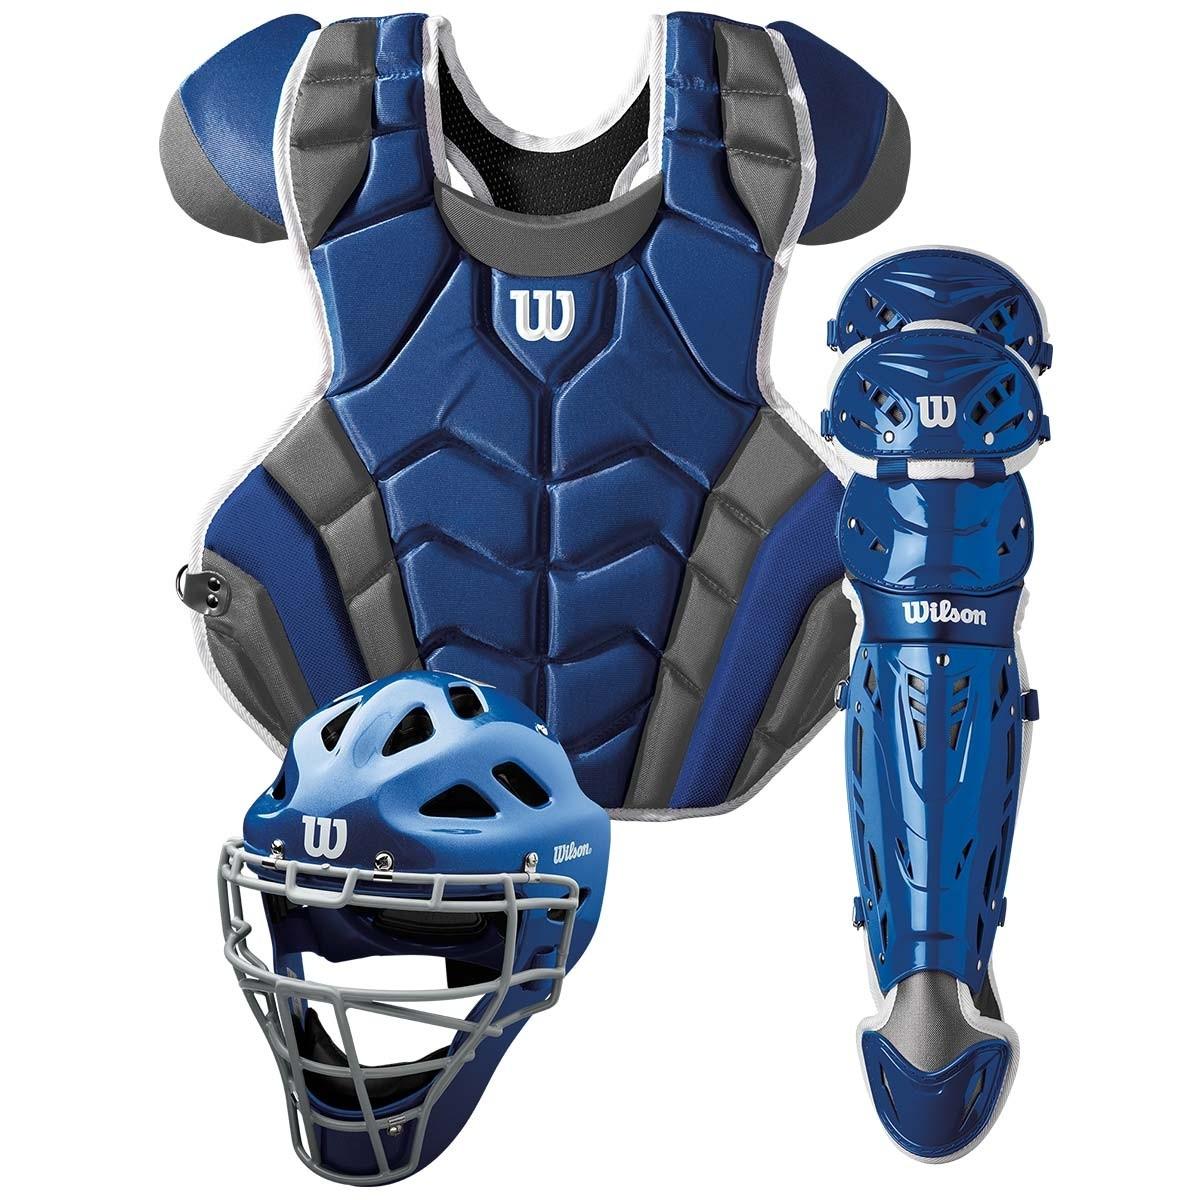 送料無料 ウィルソン WILSON 硬式野球用 キャッチャーセット ブルー×グレー C1K Catcher's Gear Kit - Adult マスク・プロテクター・レガース